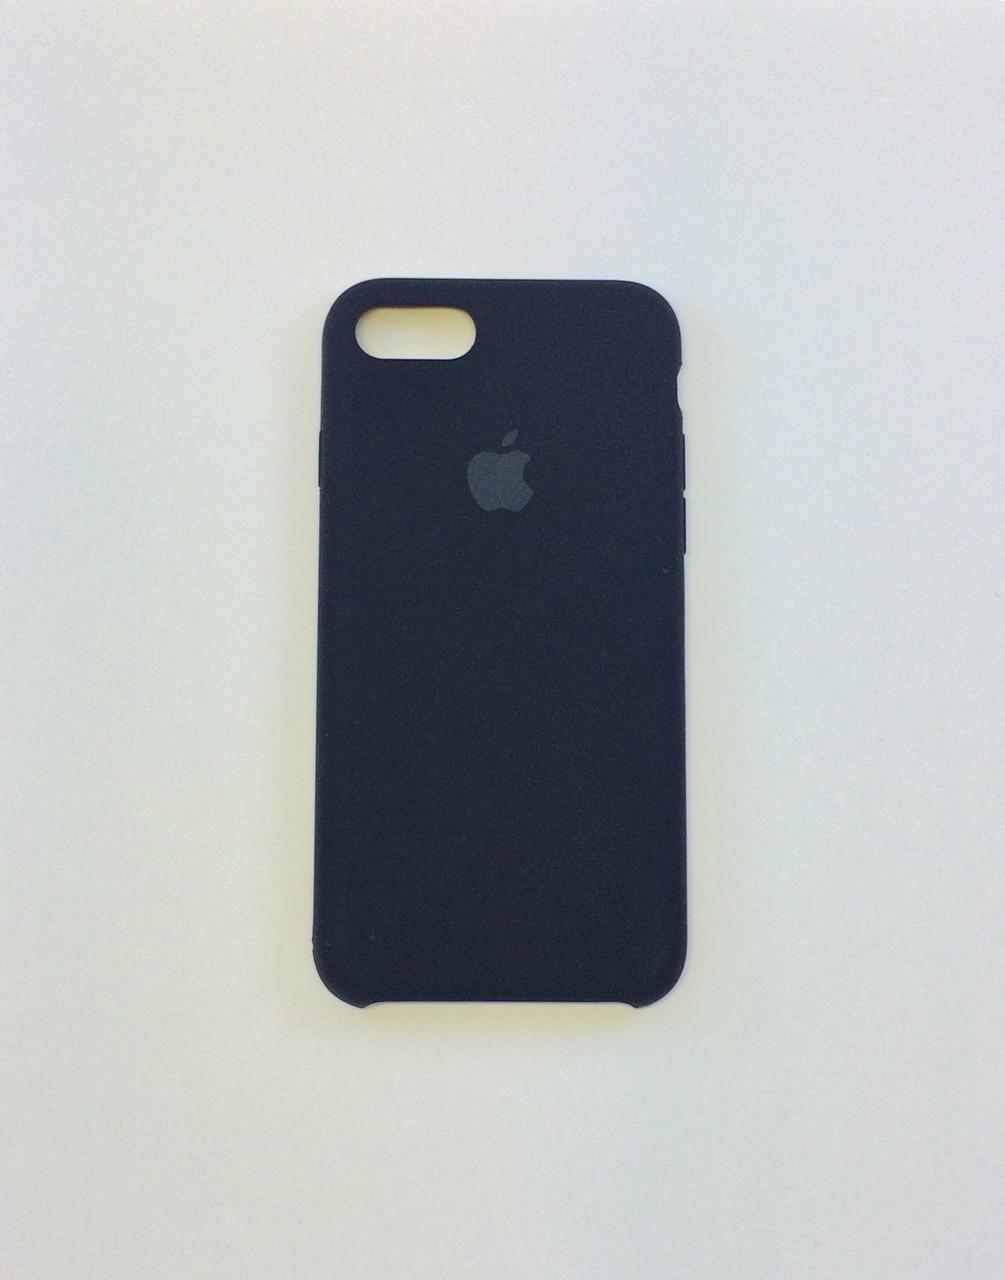 Чехол для iPhone 7 Plus, черный, силикон, copy original